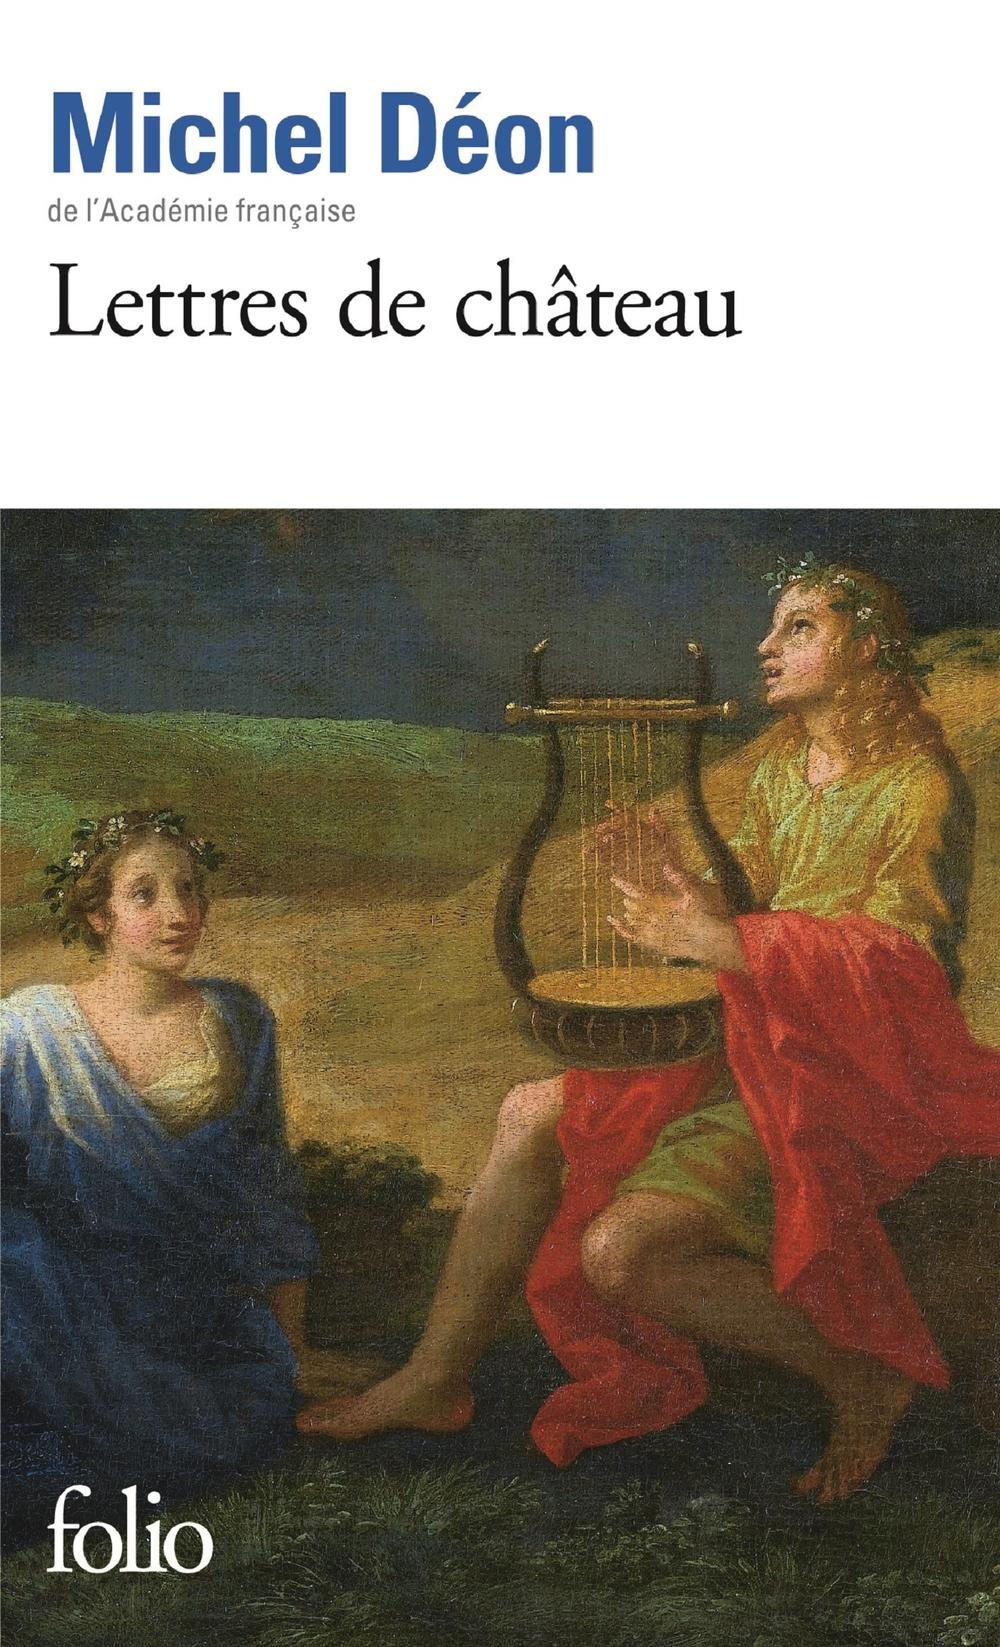 Lettres de château. À Larbaud, Conrad, Manet, Giono, Poussin, Toulet, Braque, Apollinaire, Stendhal, Morand